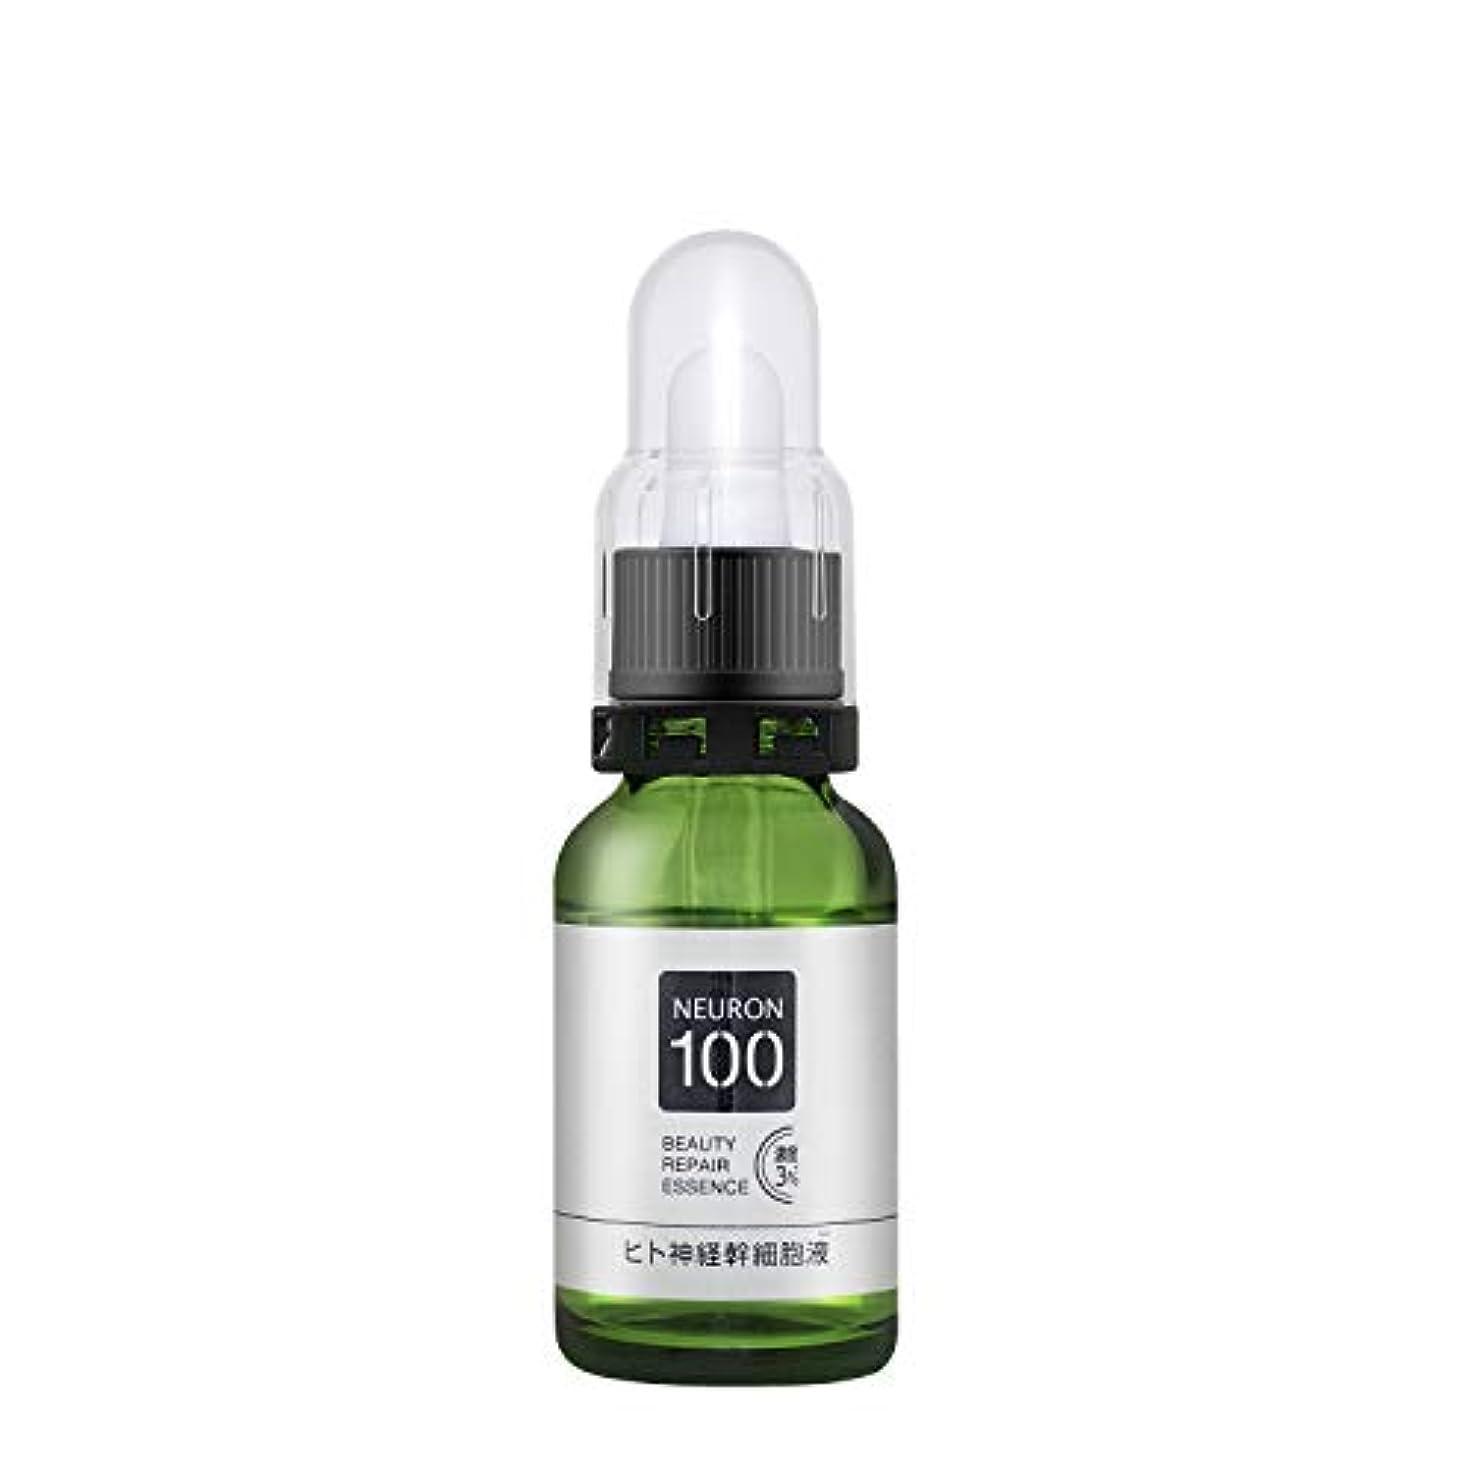 まともな軽食ミットH&CPRODUCTS ニューロン100 ヒト神経幹細胞ビューティーリペアエッセンス 濃度3% 美容液